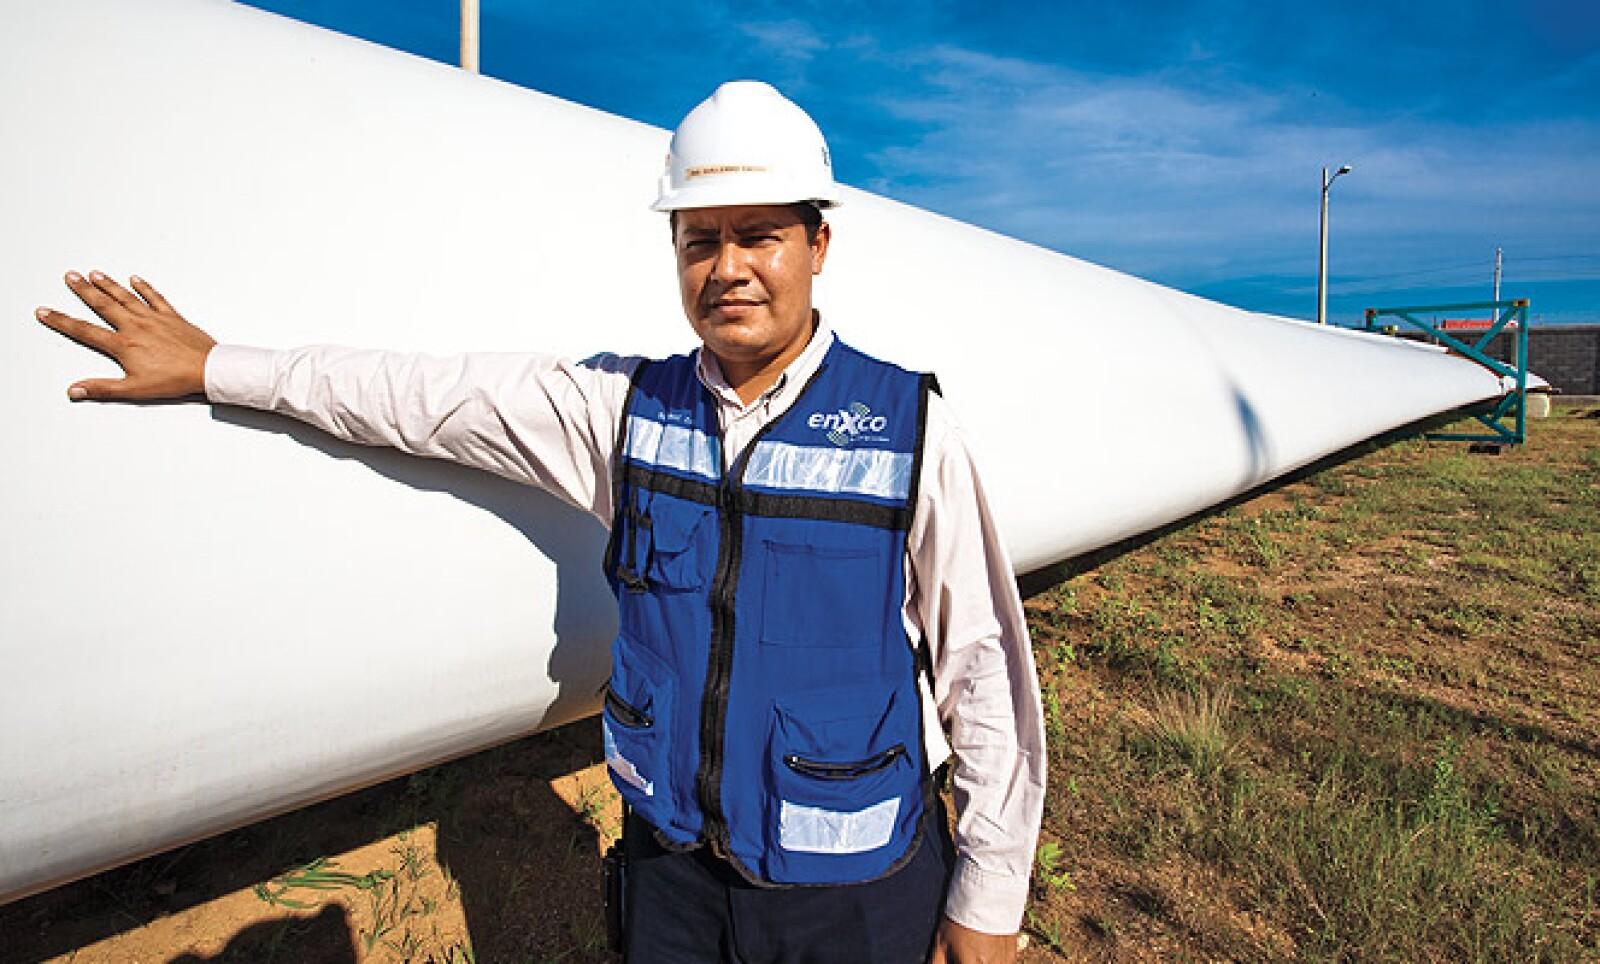 El proyecto llave en mano exigió una inversión cercana a 200 mdd y fue desarrollado por la firma Eléctrica del Valle de México –filial de Electricité de France Energies Nouvelles